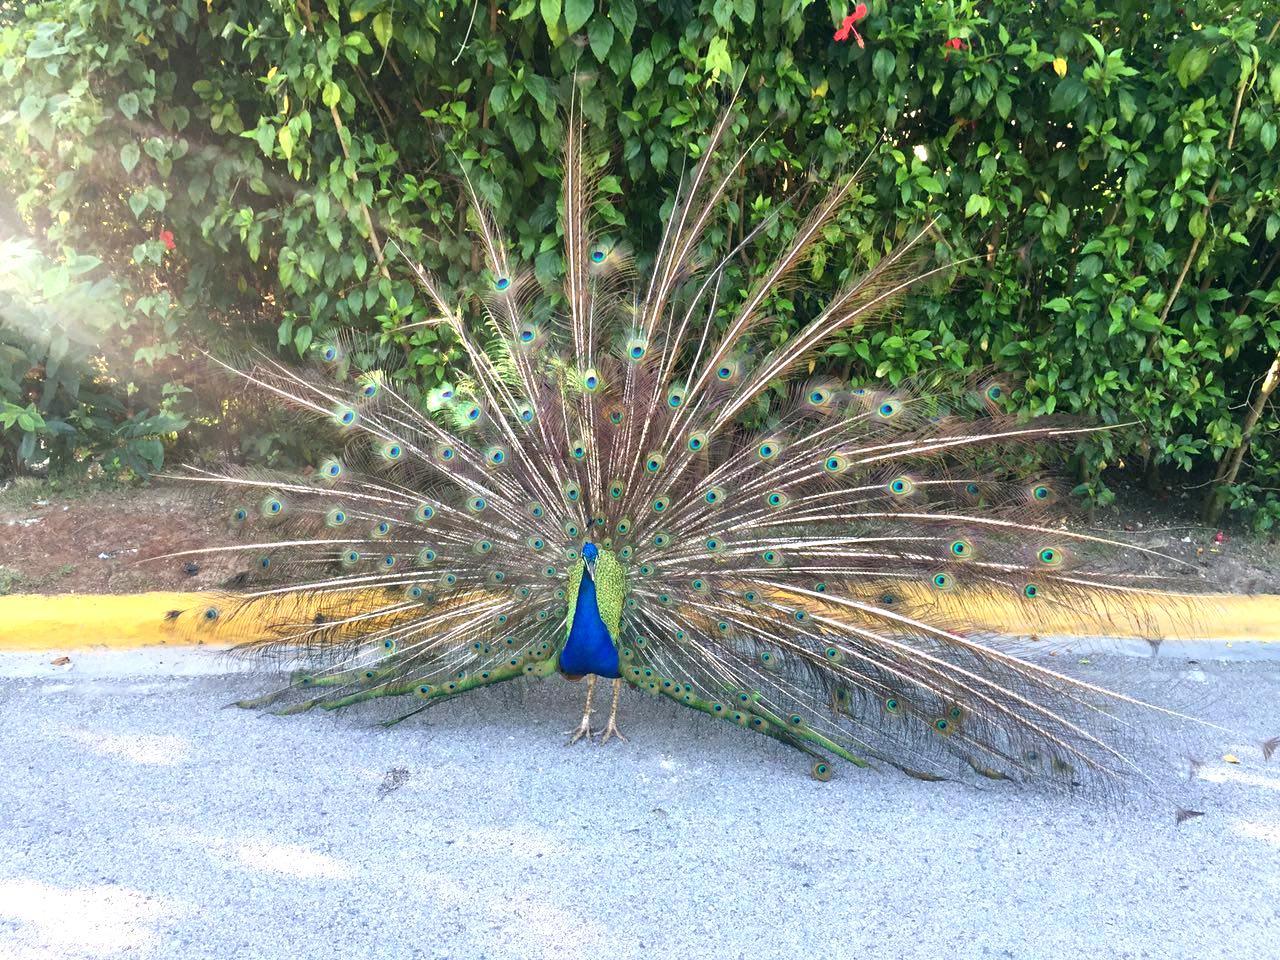 Карибское море и вкус жизни на Доминикане